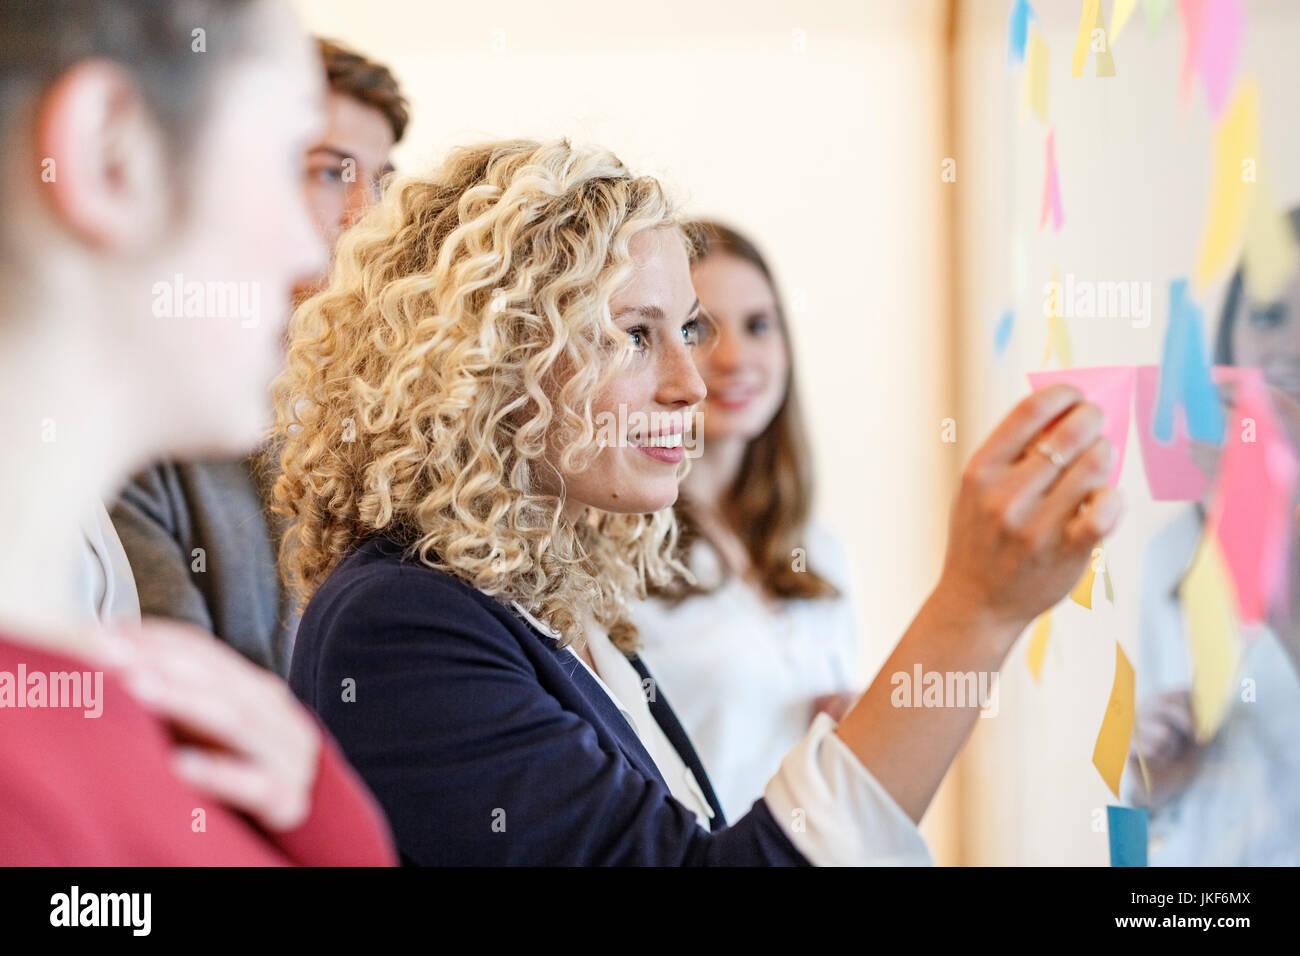 Compañeros de oficina en cristal con notas adhesivas Imagen De Stock